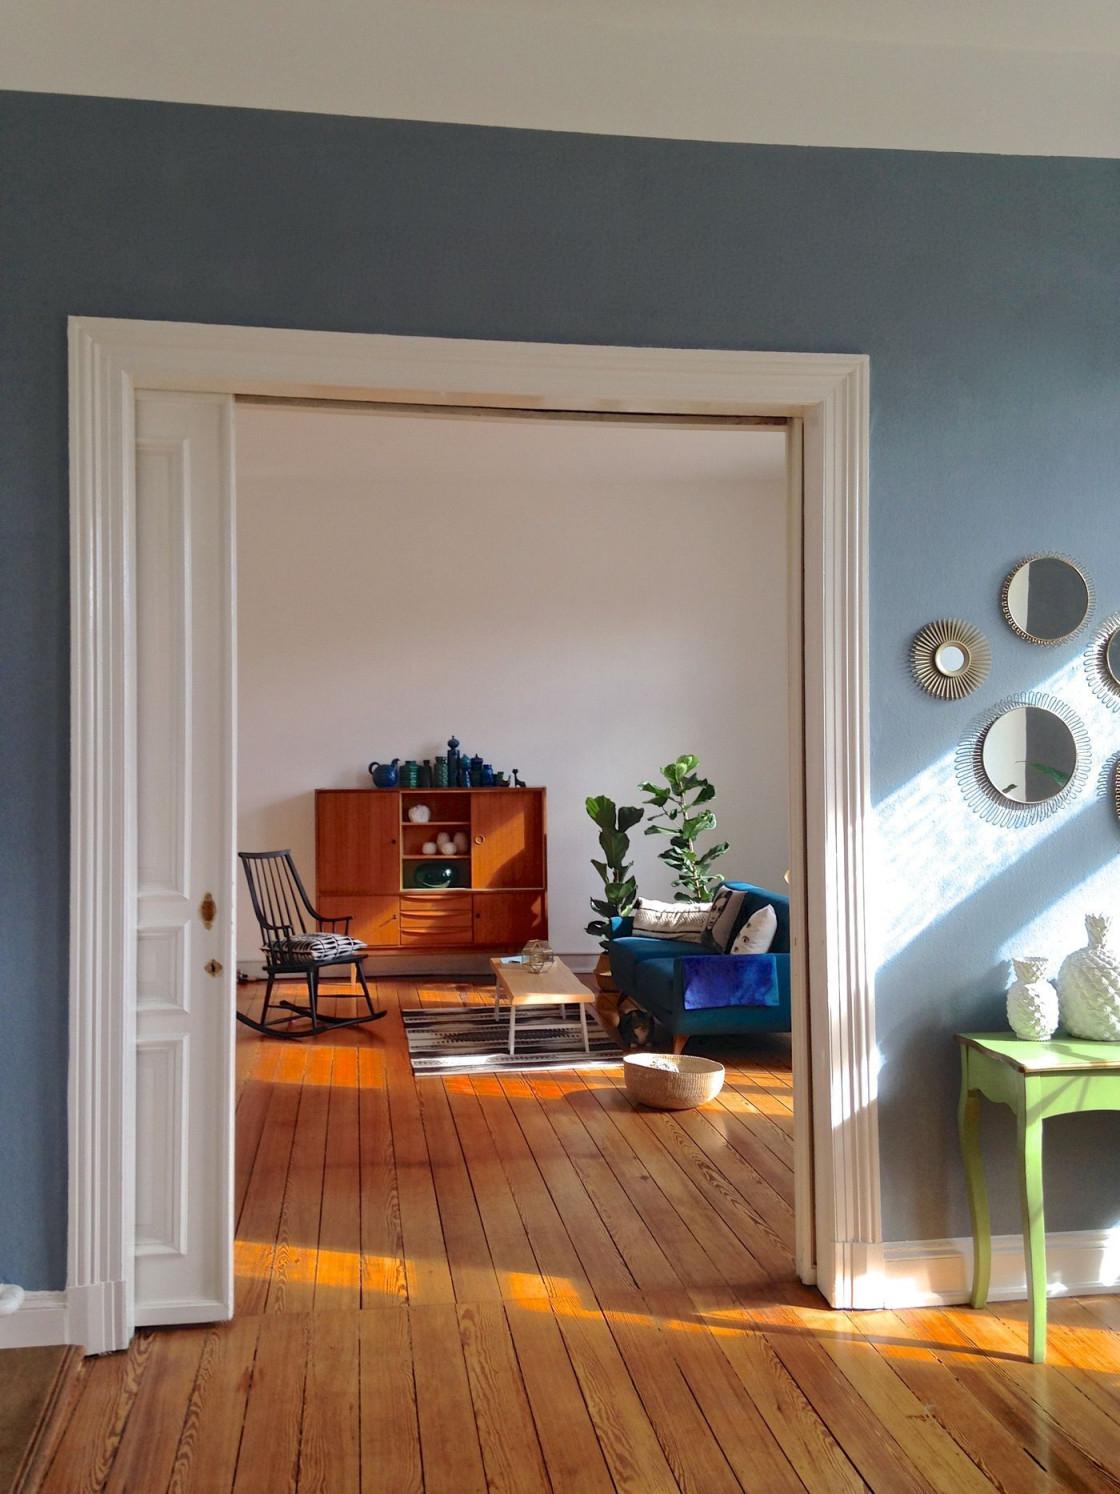 Die Schönsten Ideen Für Die Wandfarbe Im Wohnzimmer von Moderne Wandfarbe Wohnzimmer Photo